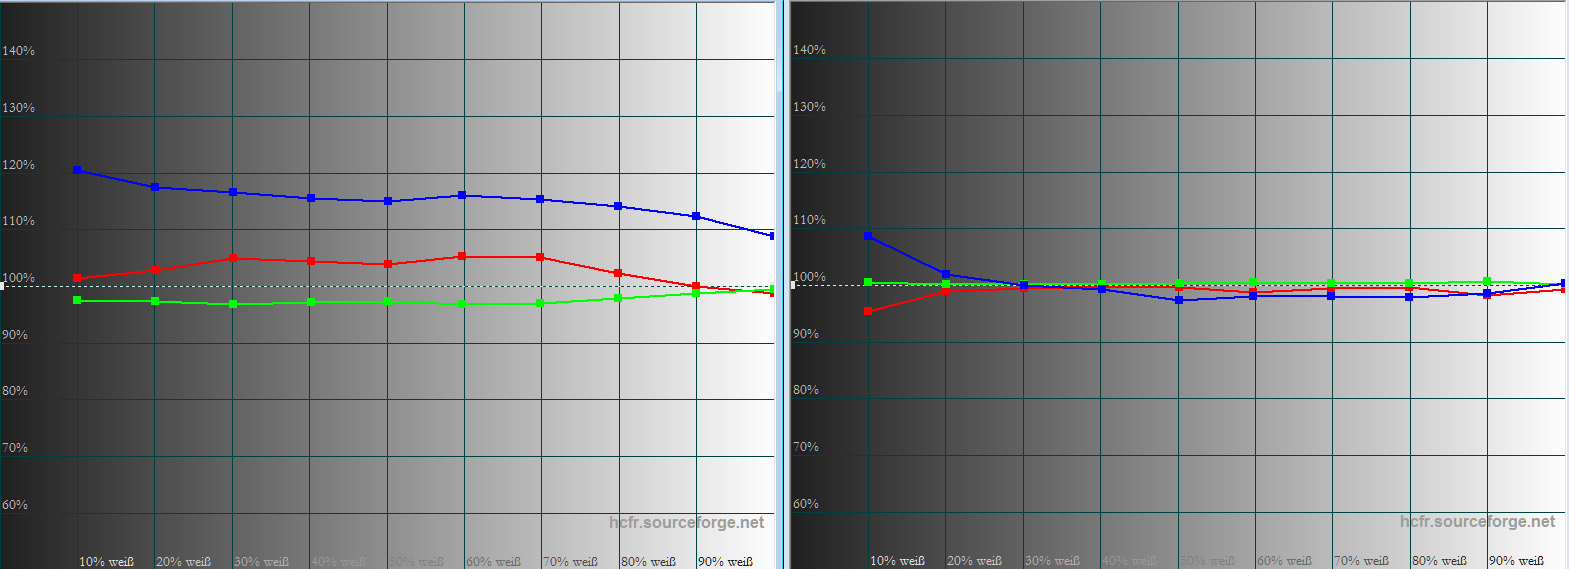 """Graustufenverlauf: Im Bildmodus """"Vivid"""" (links) ist gut zu sehen, dass Rot und Blau von der 100-%-Linie abweichen. Nach der Kalibrierung des Bildmodus """"Benutzer"""" (rechts) verlaufen Rot, Grün und Blau ab 20 IRE vortrefflich auf der Ideallinie, so dass vor allem Schwarz/Weiß-Bildwerke wunderbar natürlich projiziert werden."""